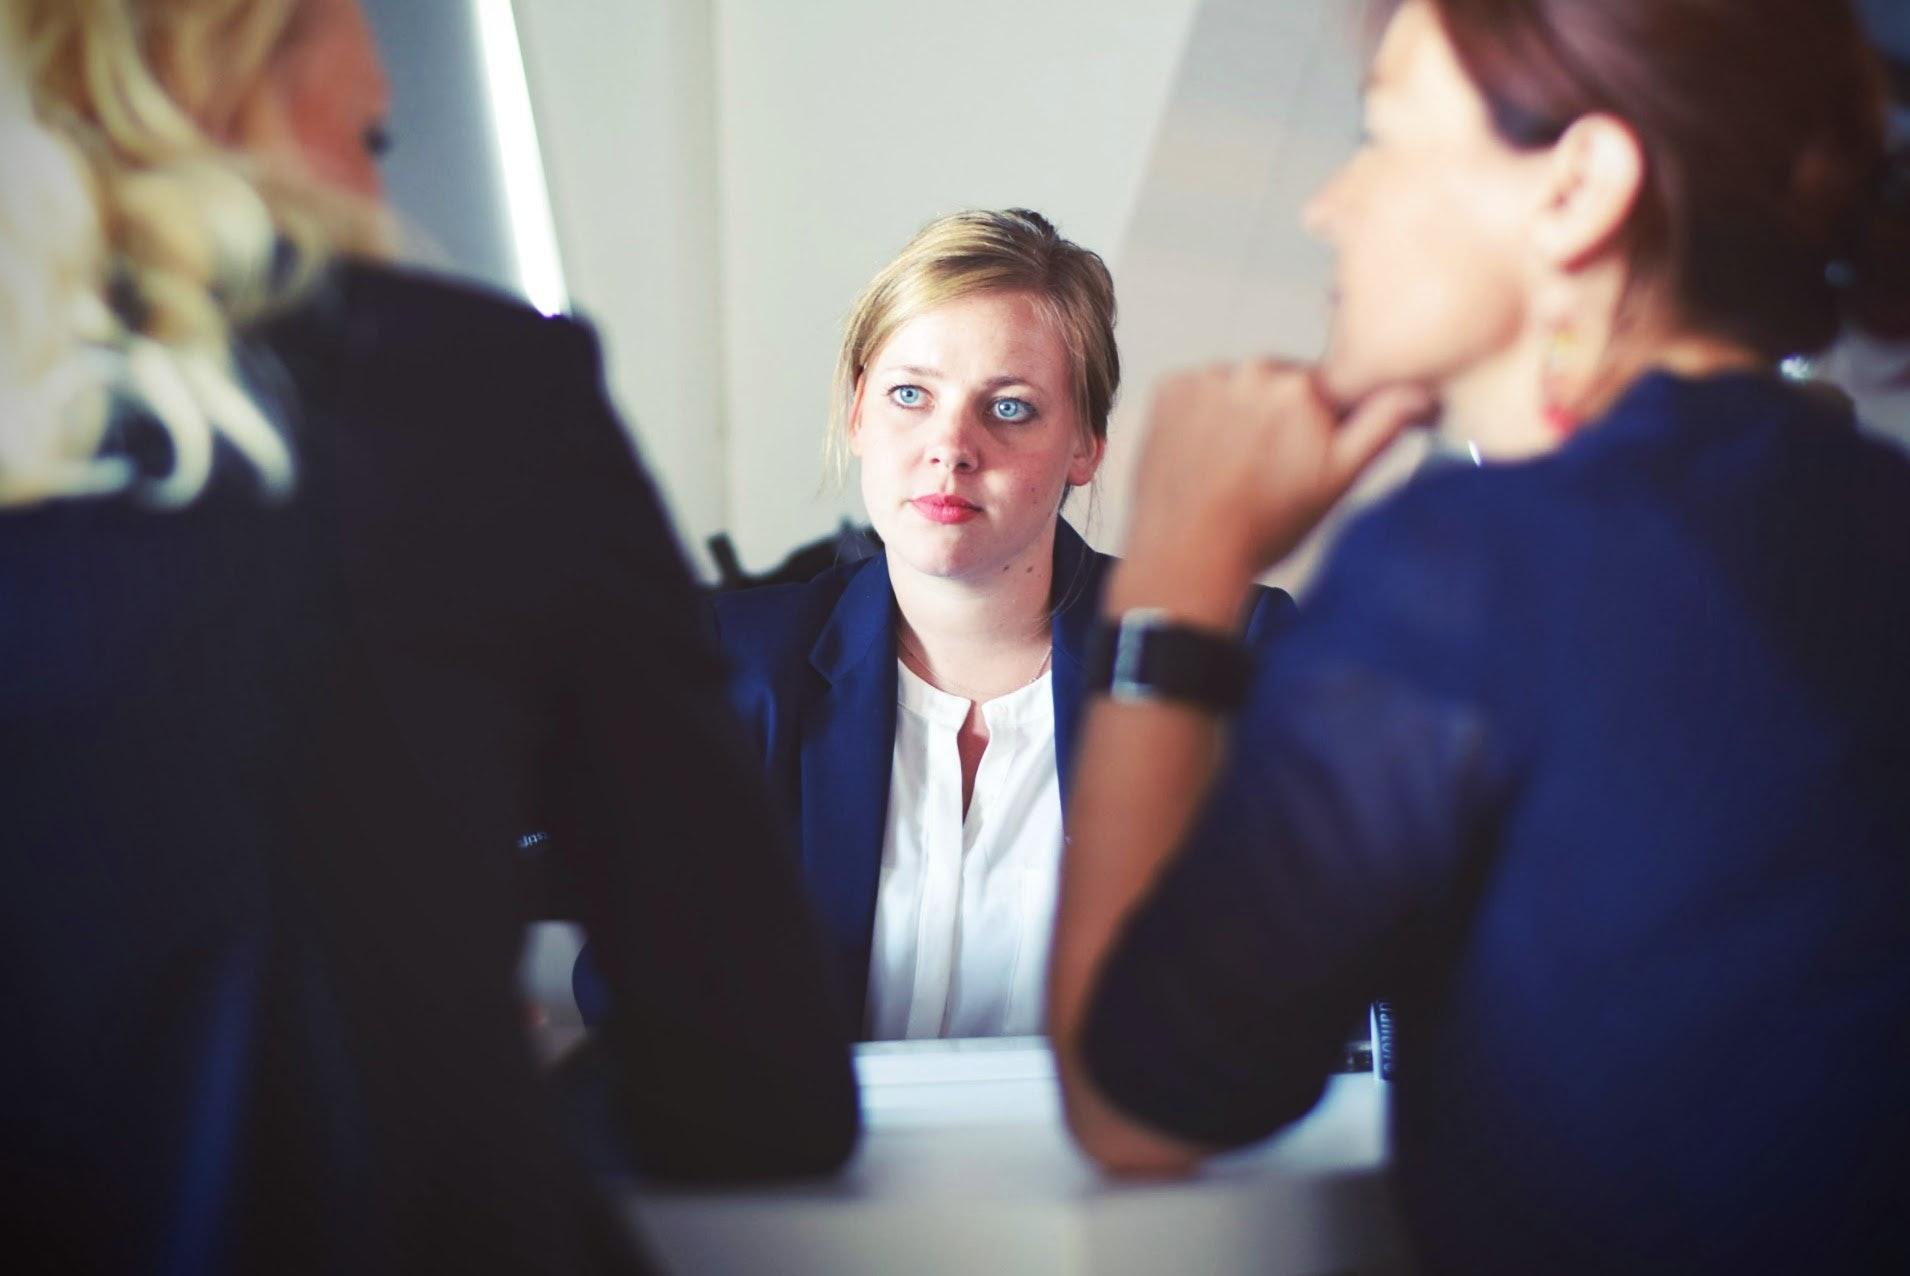 如何面试才能彰显企业实力、吸引人才?